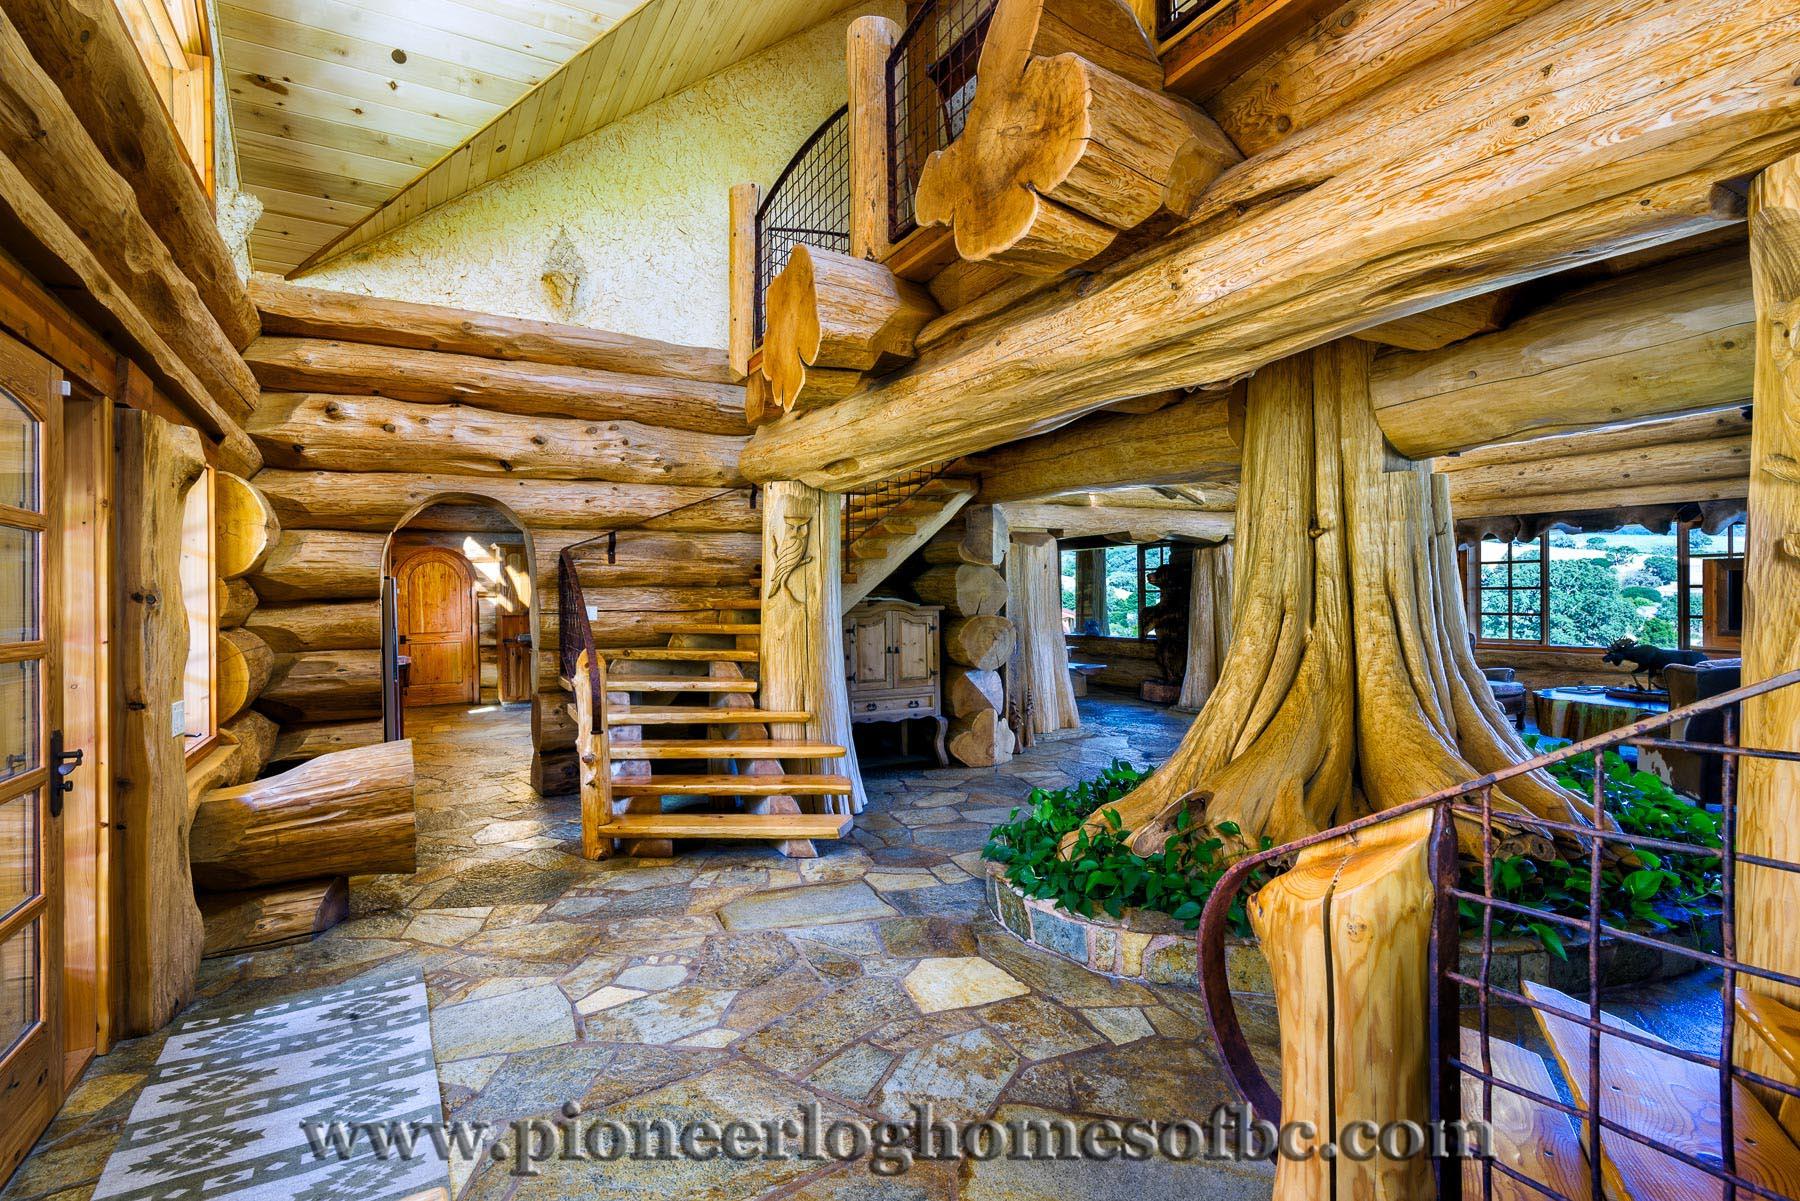 Custom Built Luxury Pioneer Log Home For Sale In California